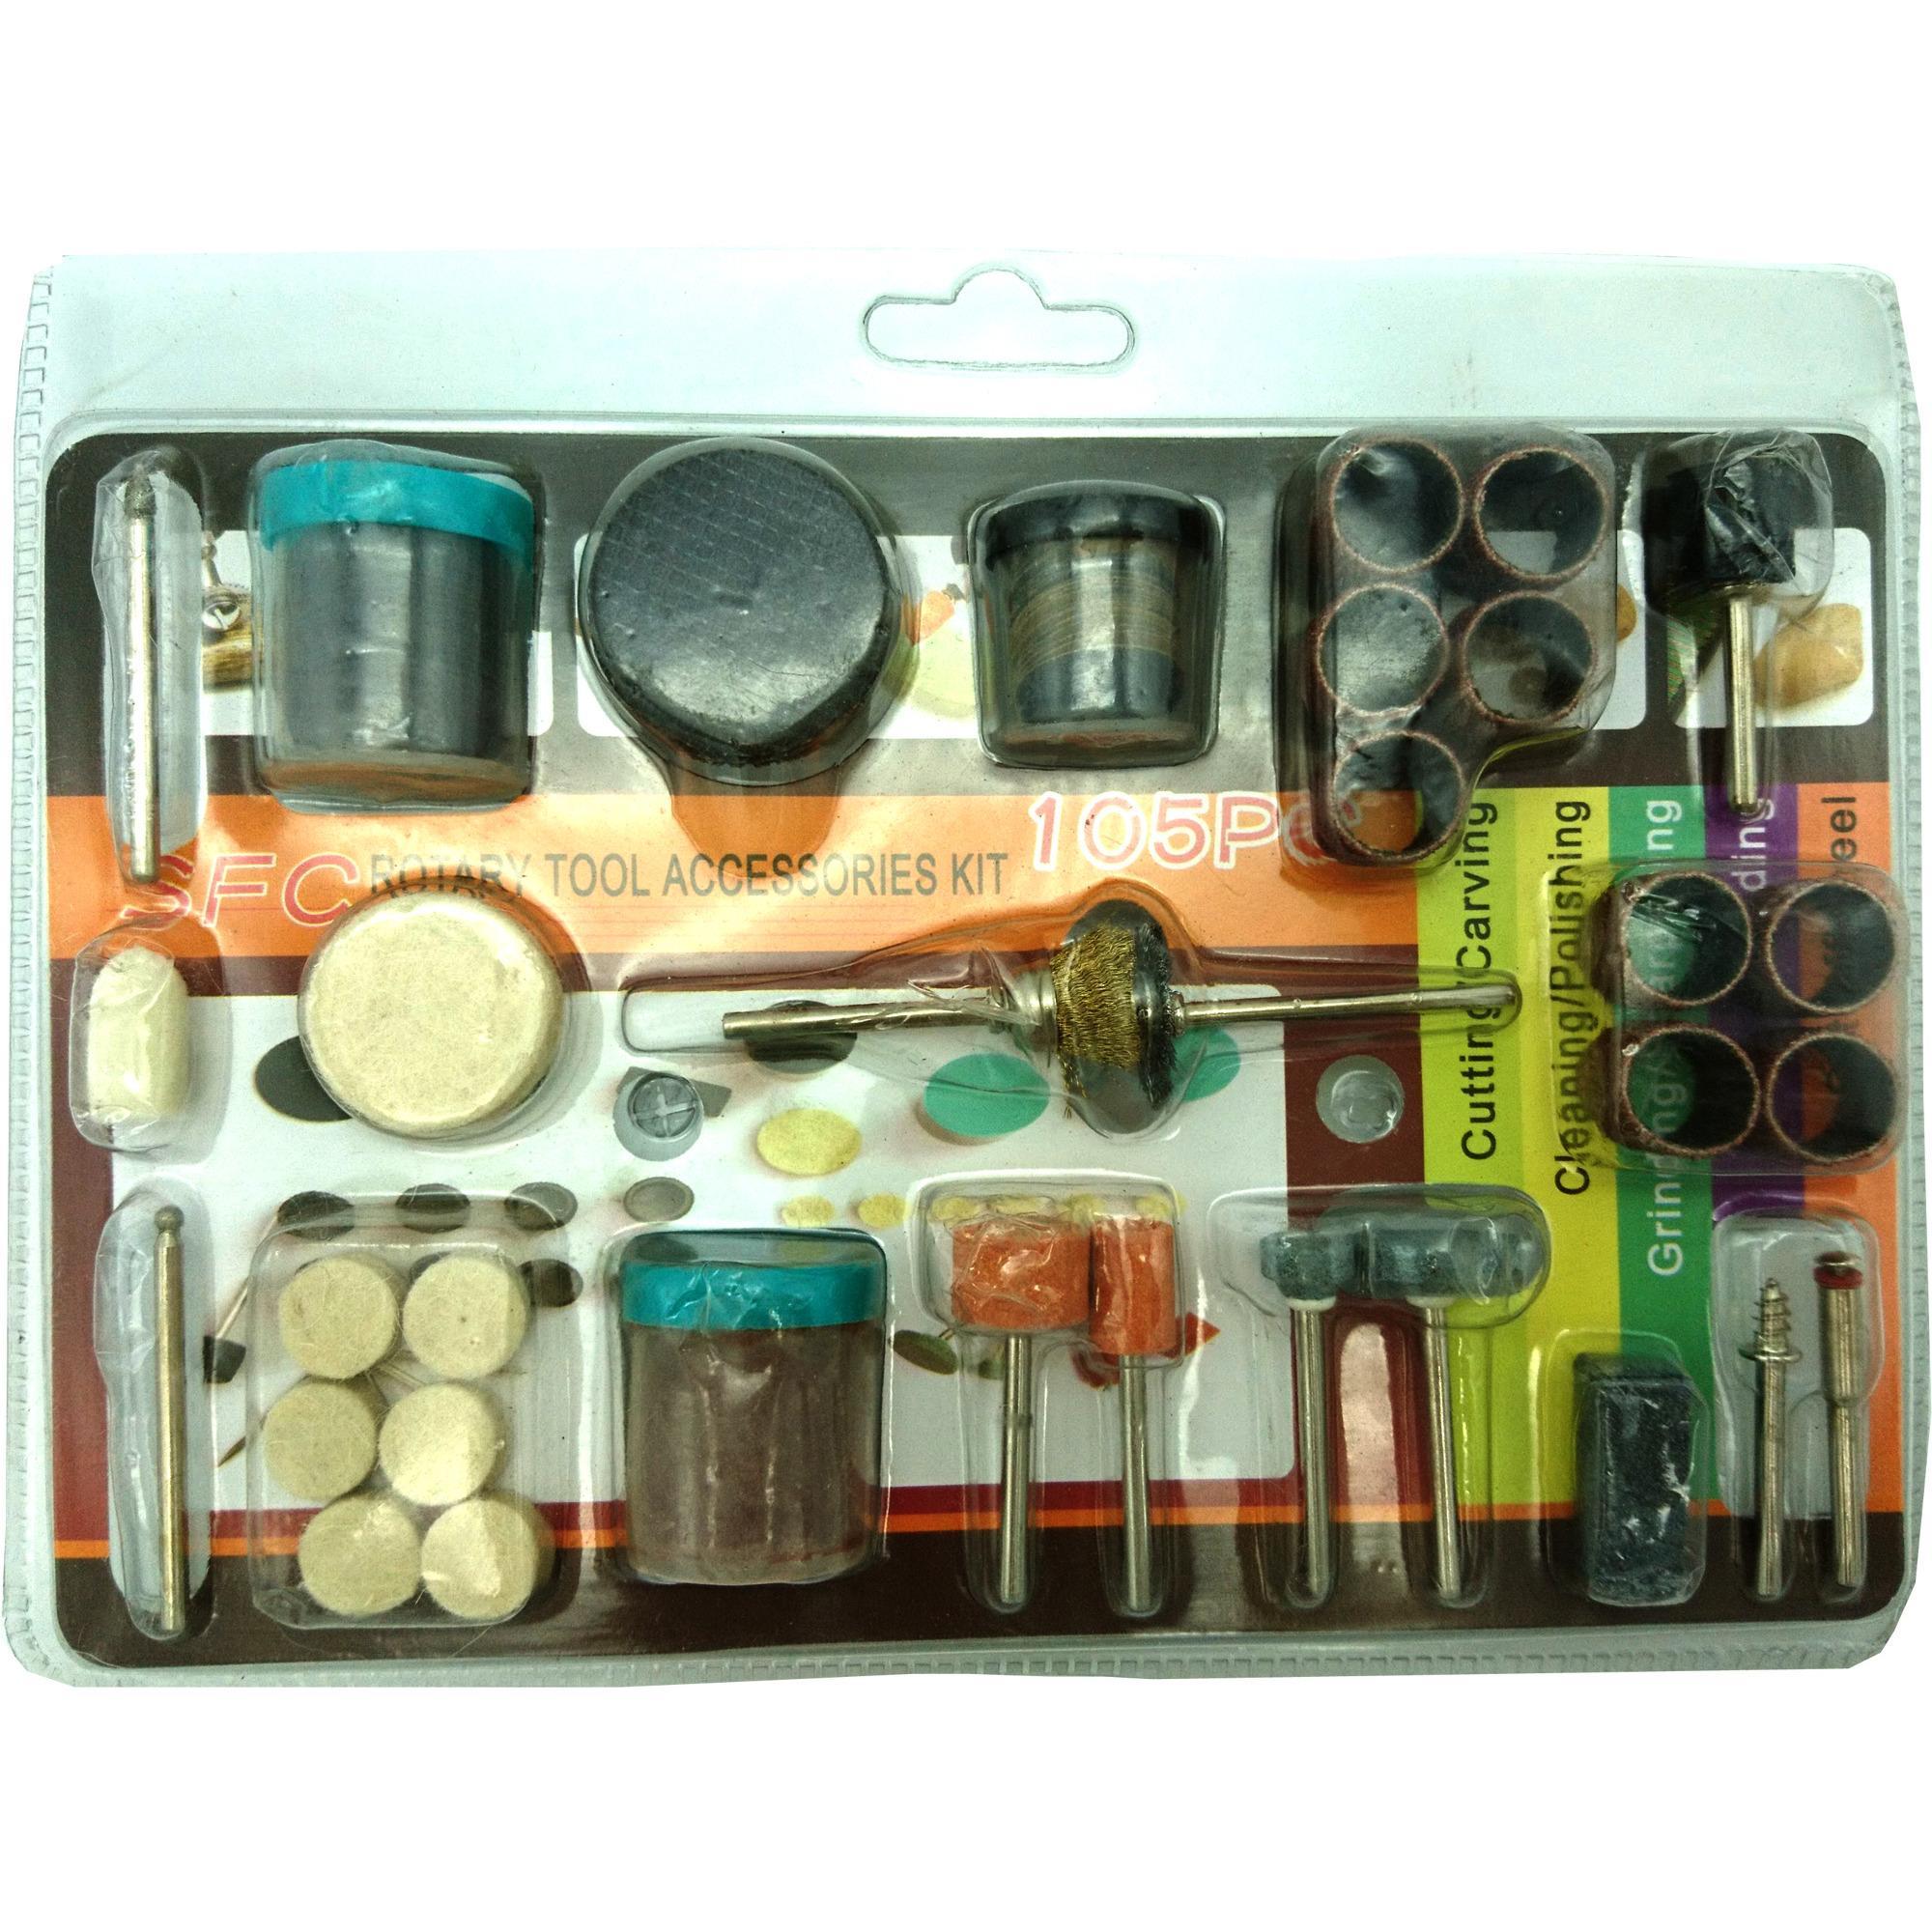 Hình ảnh Bộ 105 món đồ nghề phụ kiện cắt, mài, chà, đánh rỉ sét, đánh bóng cho khoan điện đa năng mini cầm tay (như Louxor, Dremel, ACZ, motor 775...)